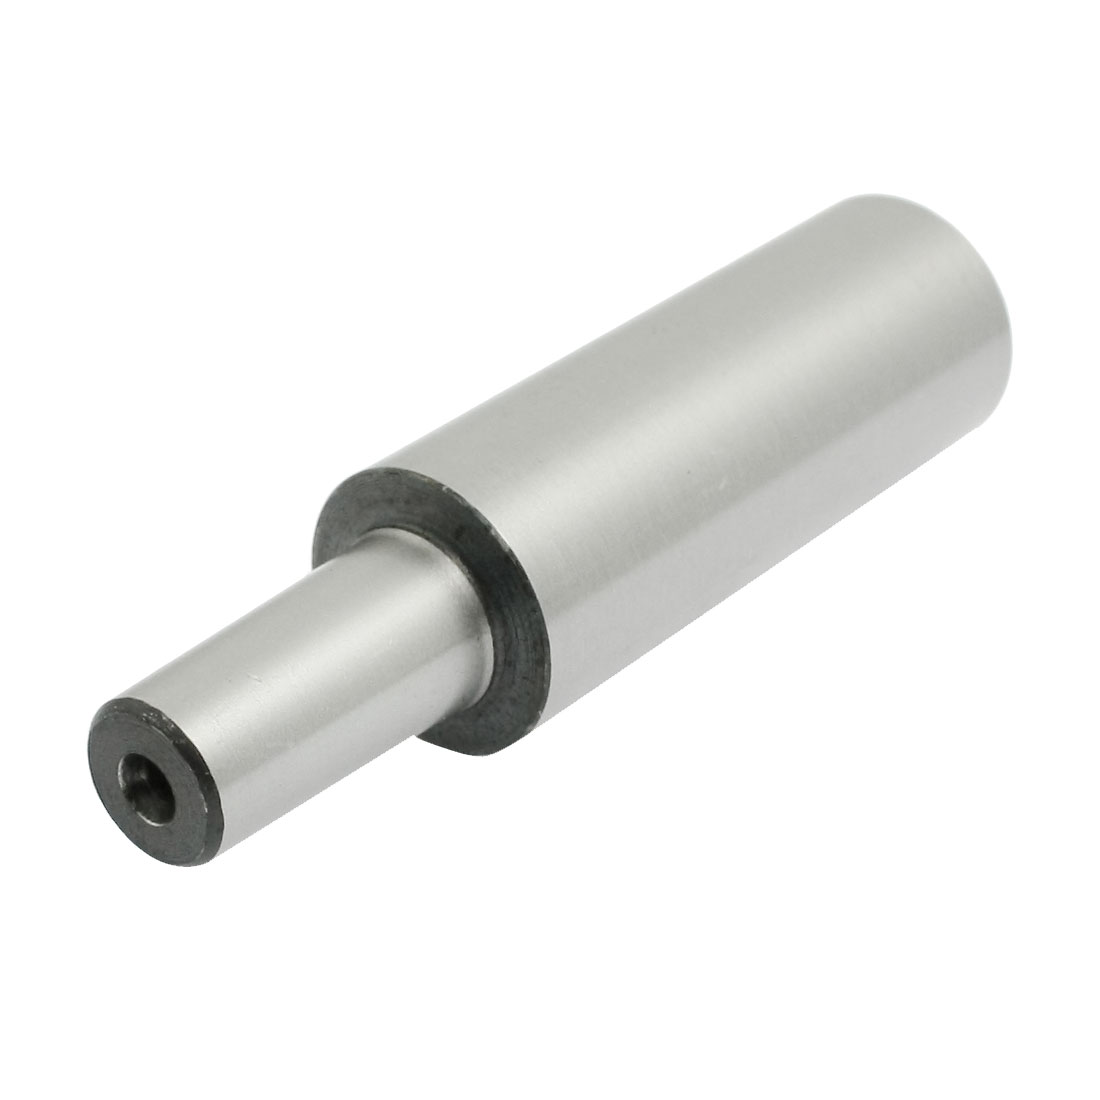 79mm Length 1mm-10mm Morse Taper Adapter Straight Shank Drill Chuck Arbor